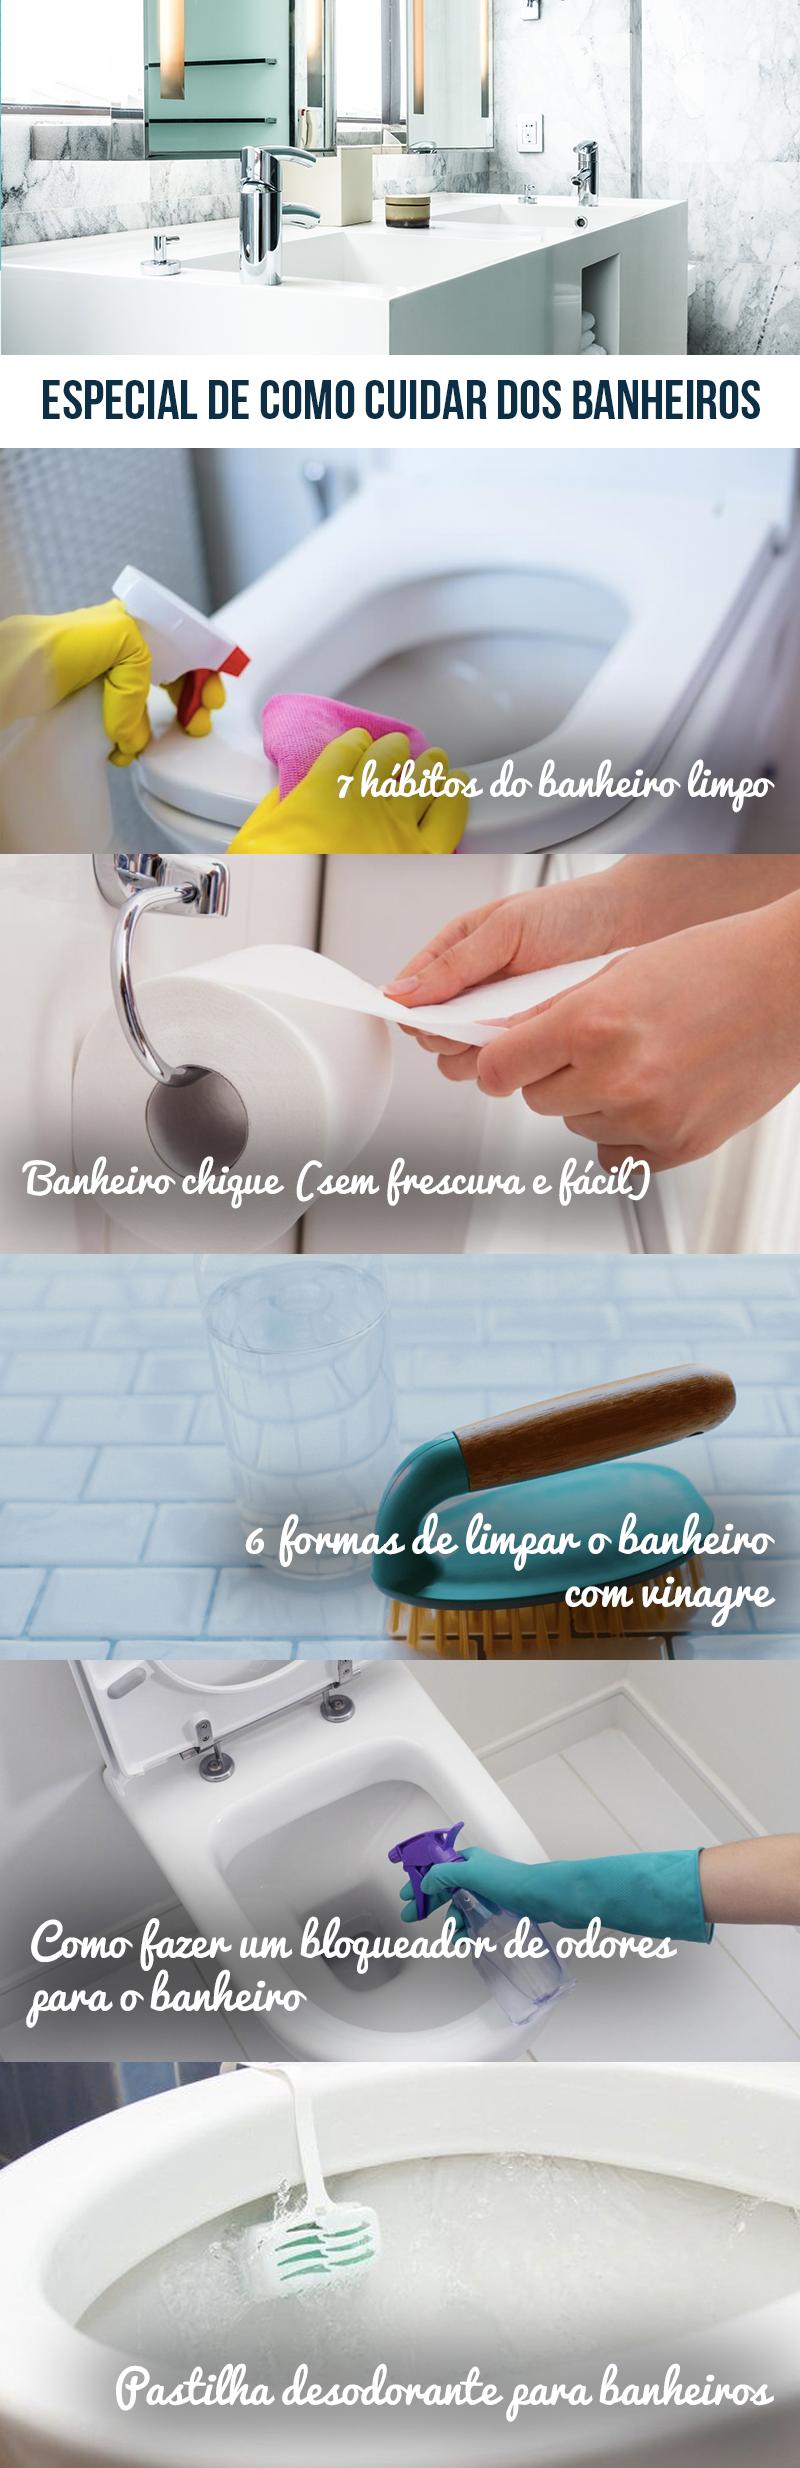 Especial Banheiros: Dicas de limpeza e organização Flávia Ferrari